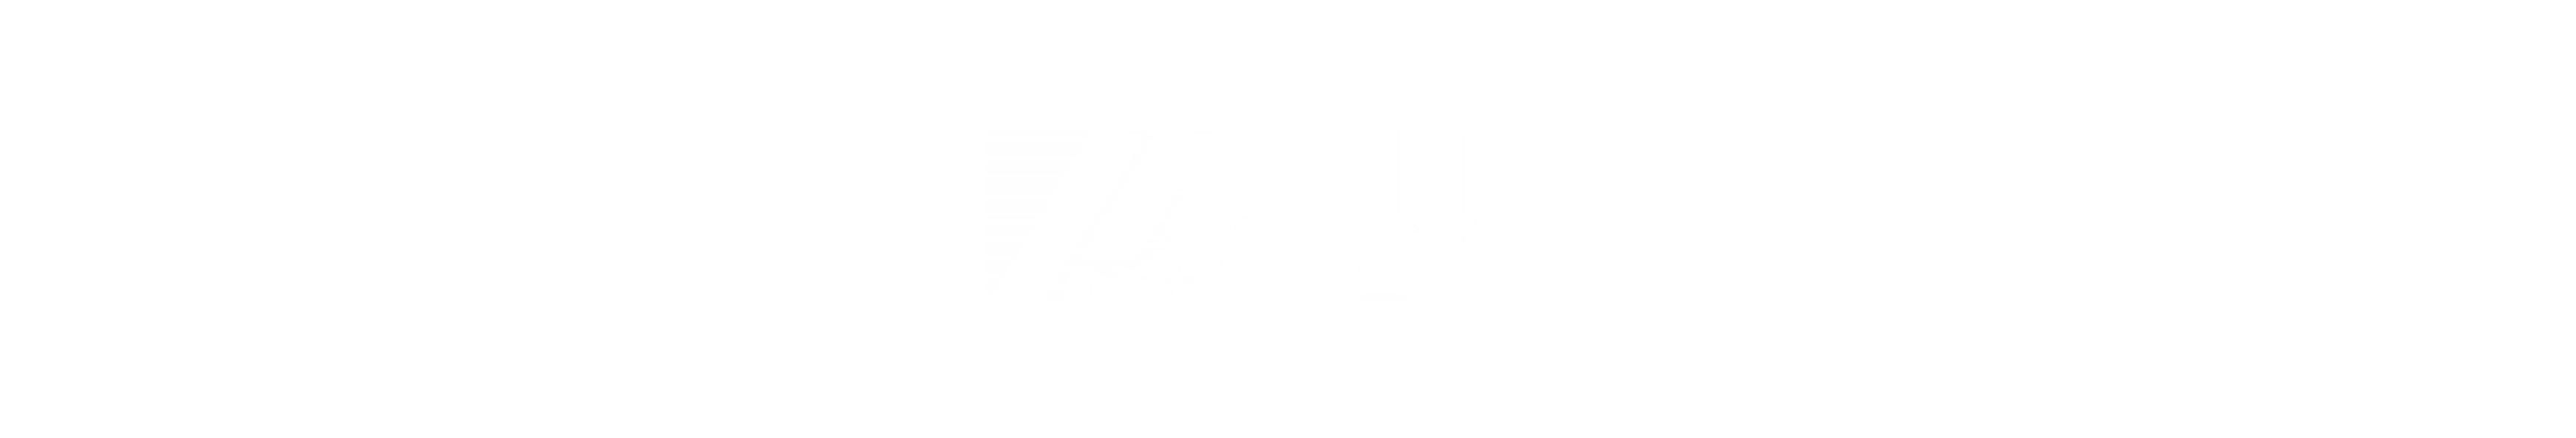 TechSource + Ascendas +Xilinx logos